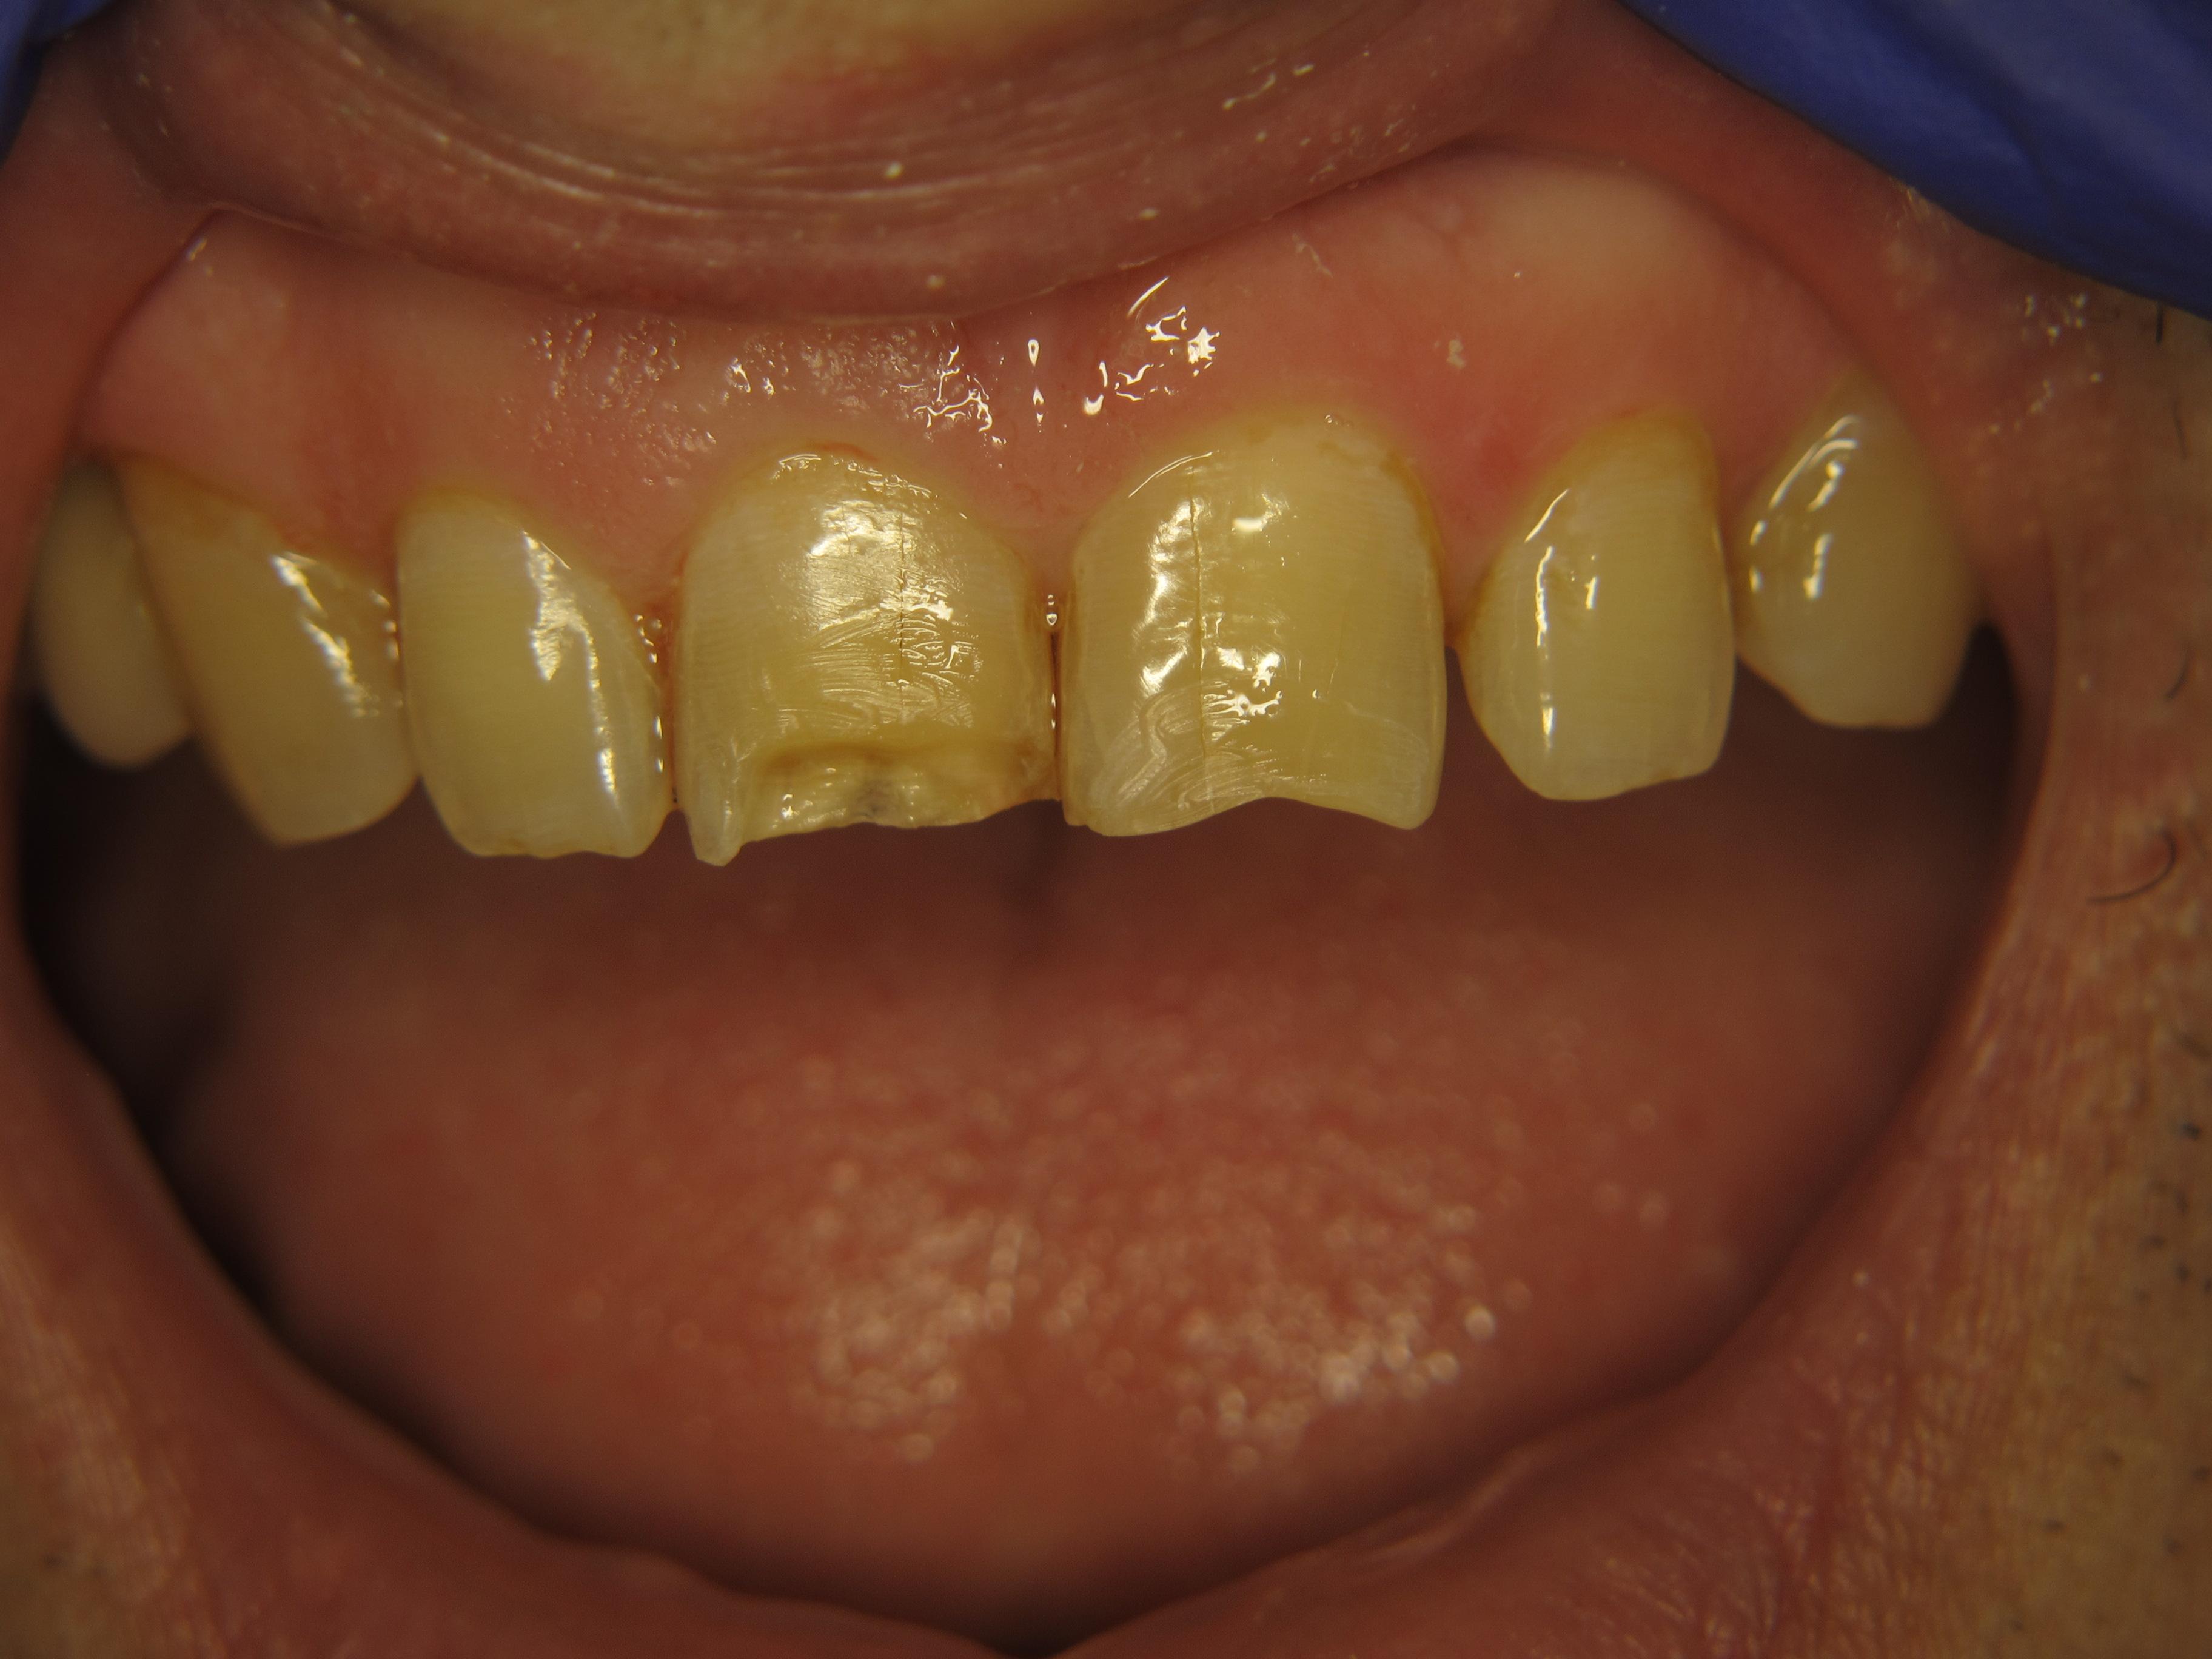 Рис. 2. Зубы 1.1 и 2.1 после препарирования.